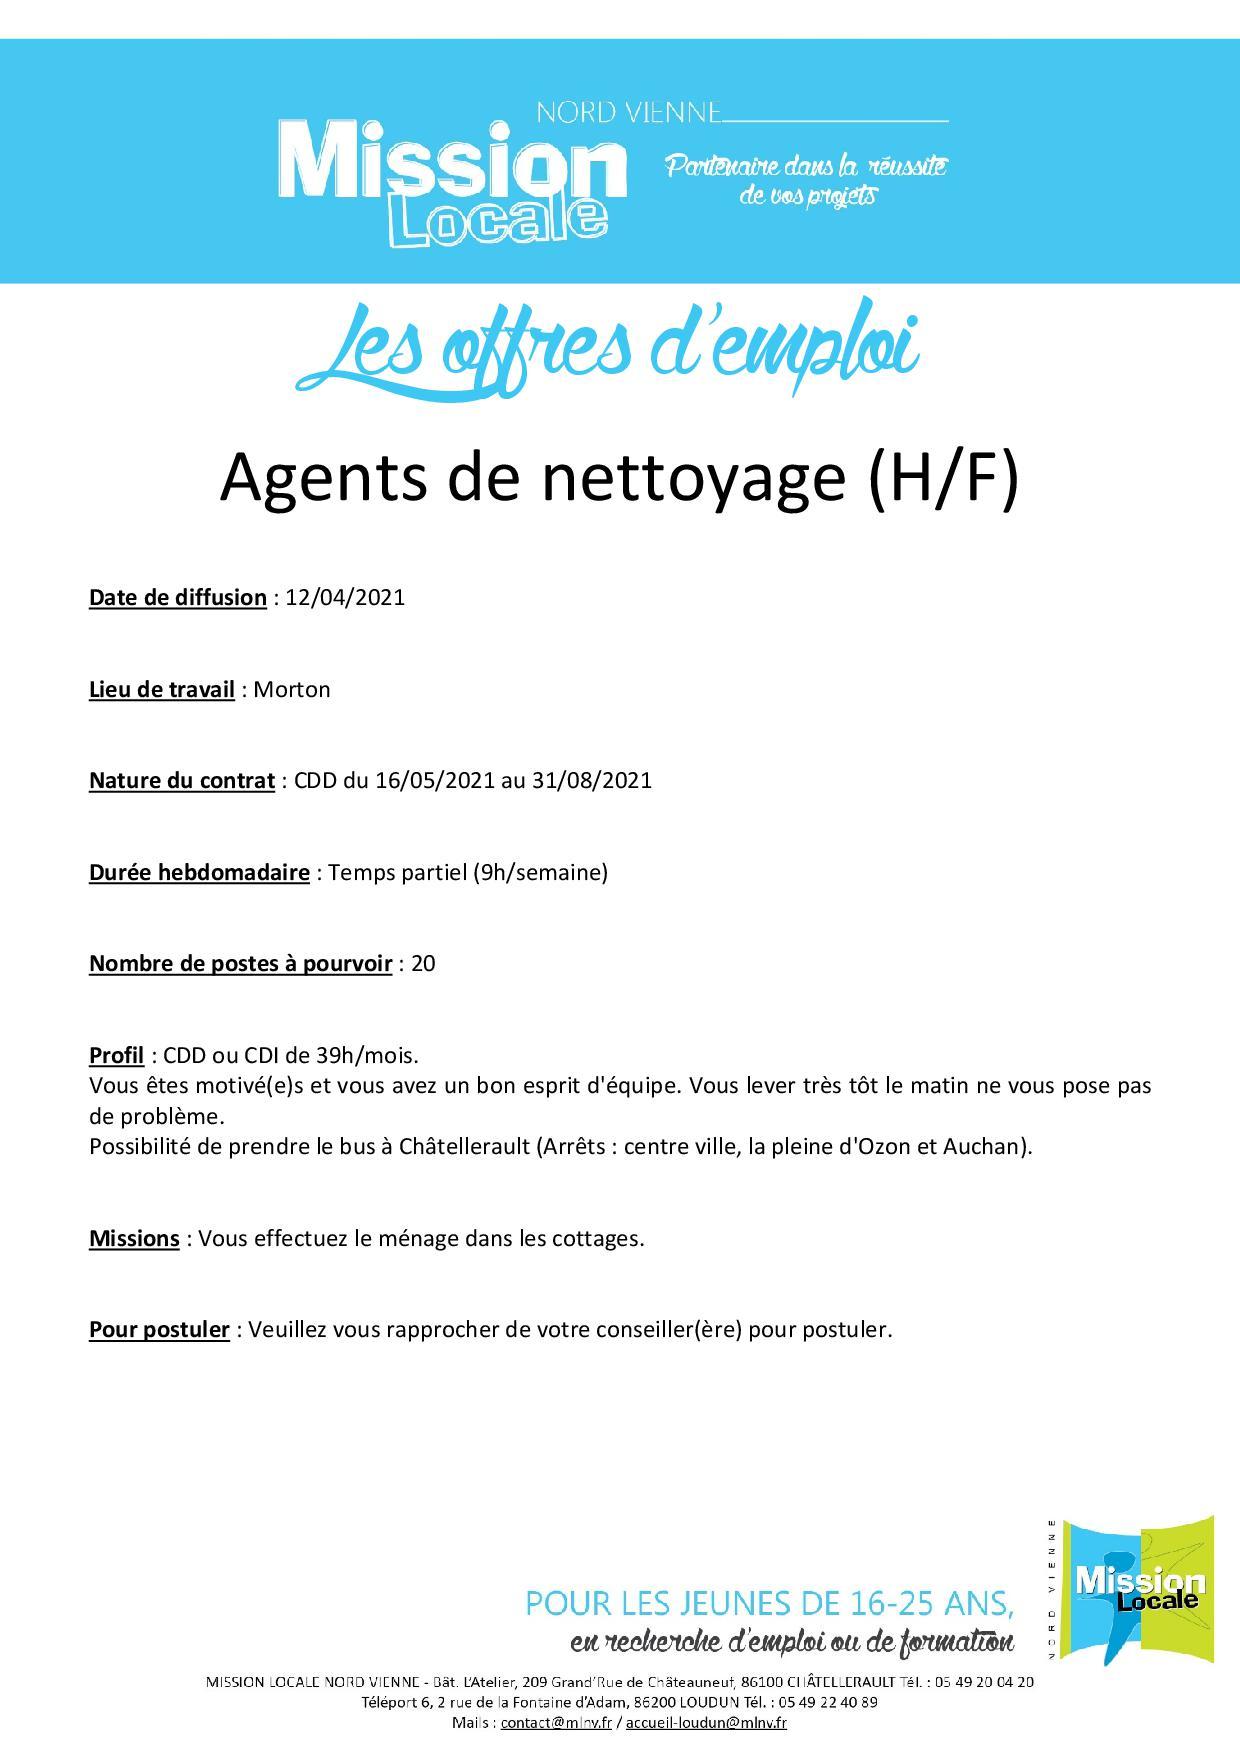 Agents de nettoyage (H/F)